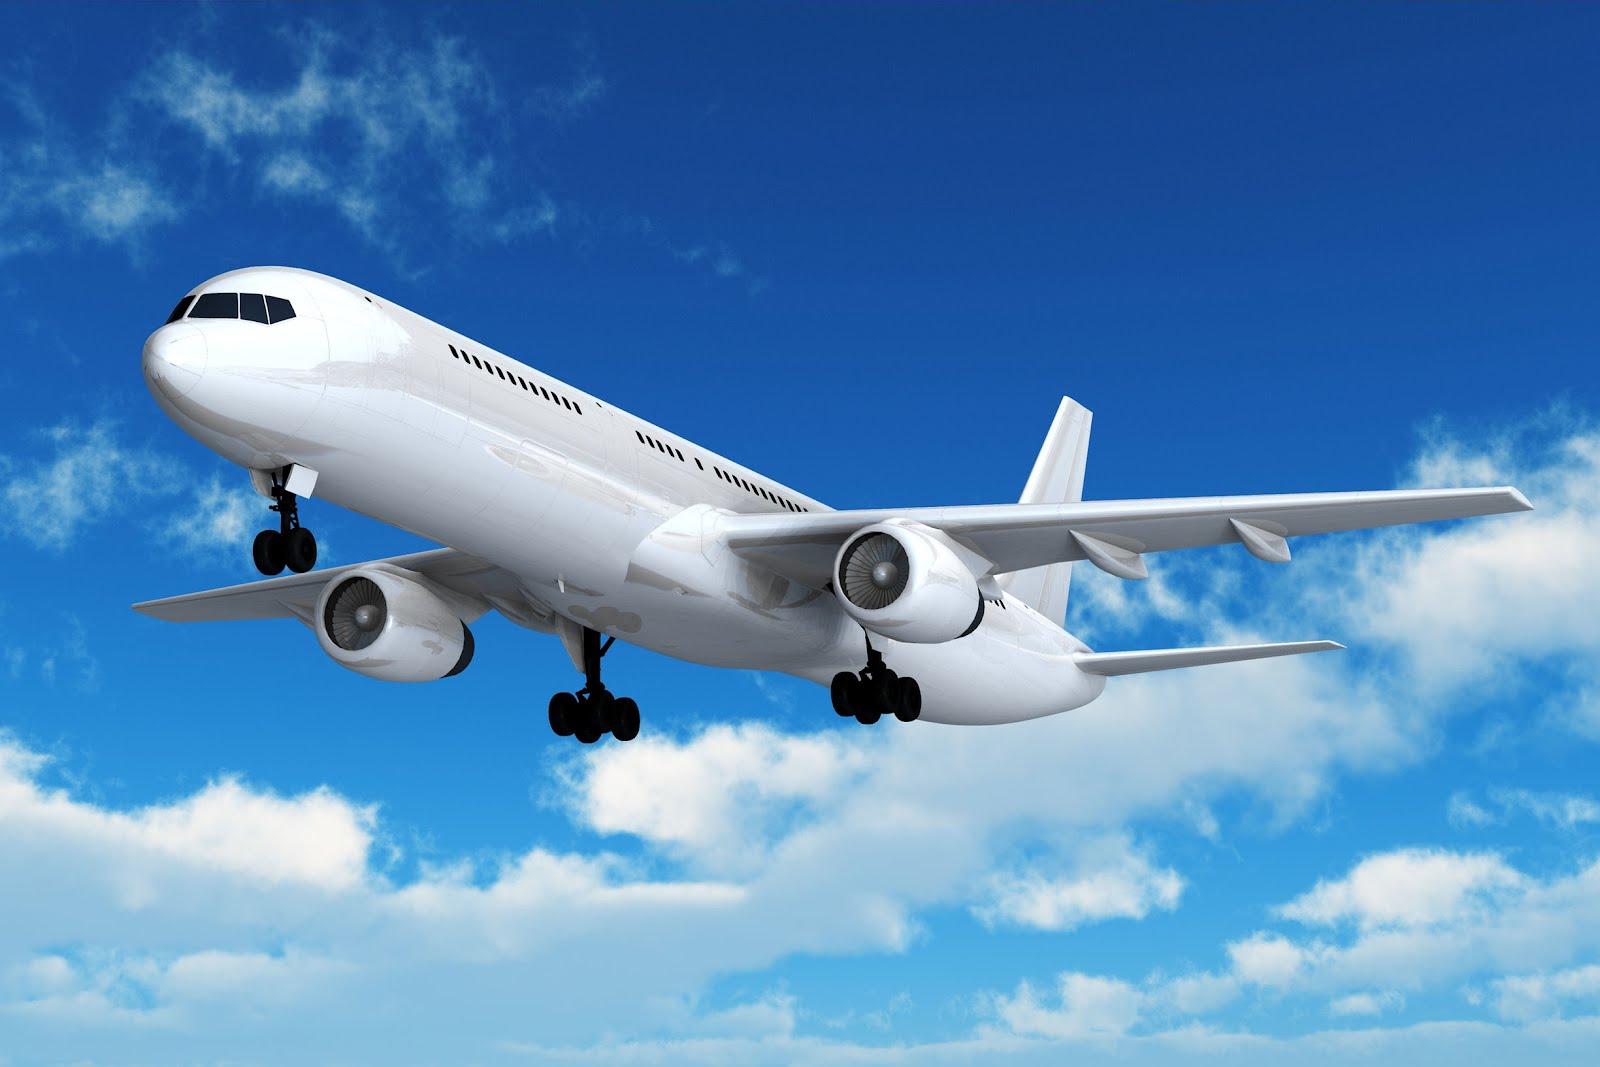 el viaje en avion: